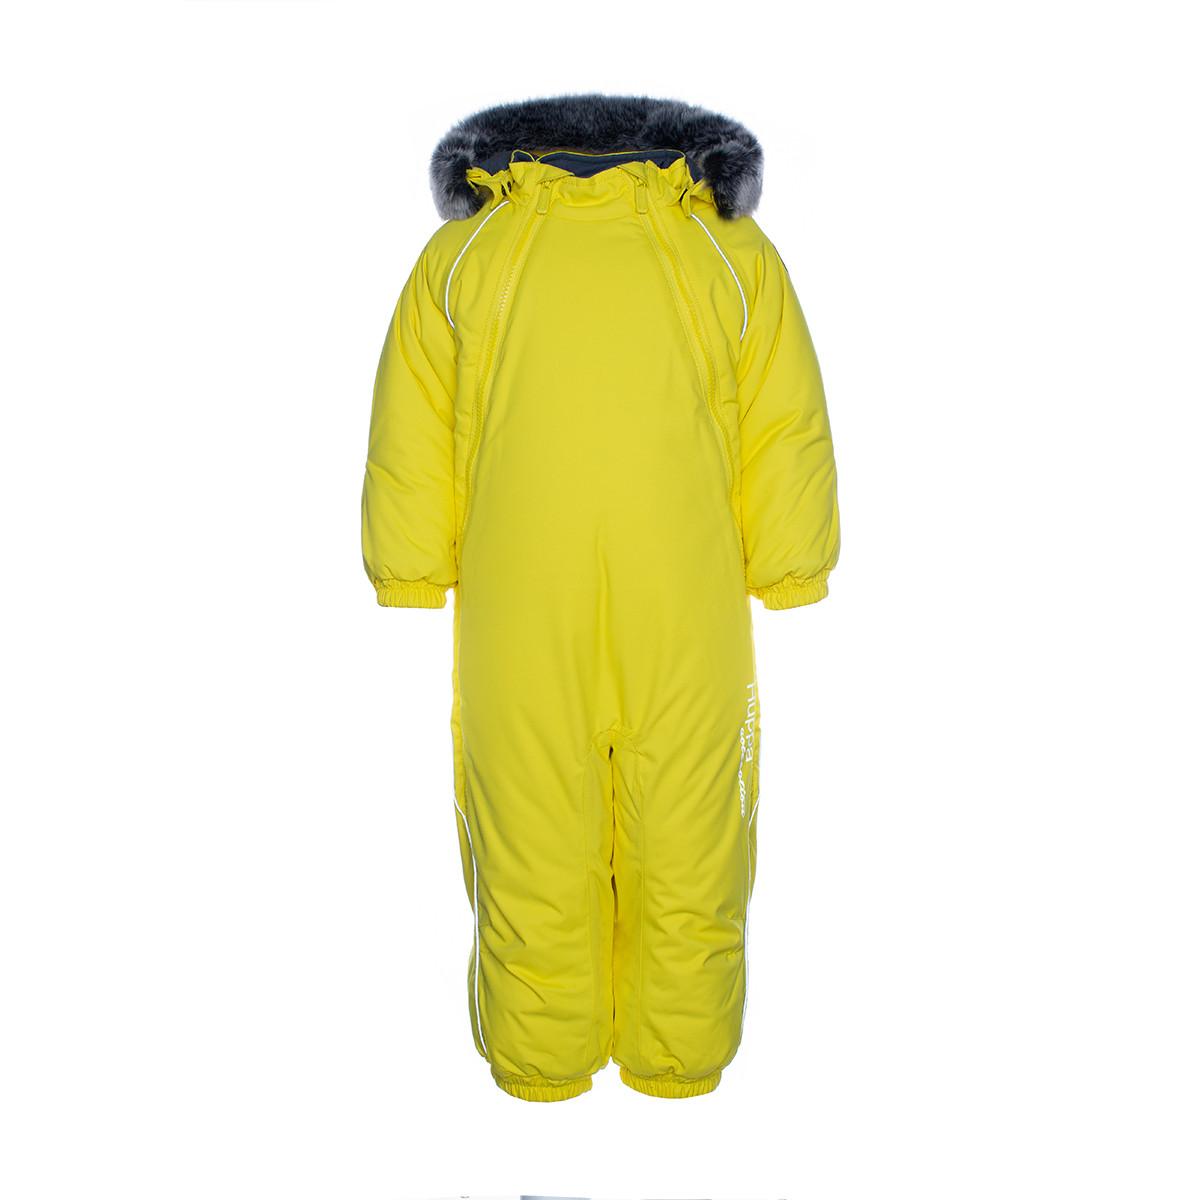 Детский комбинезон ORION, желтый - 104